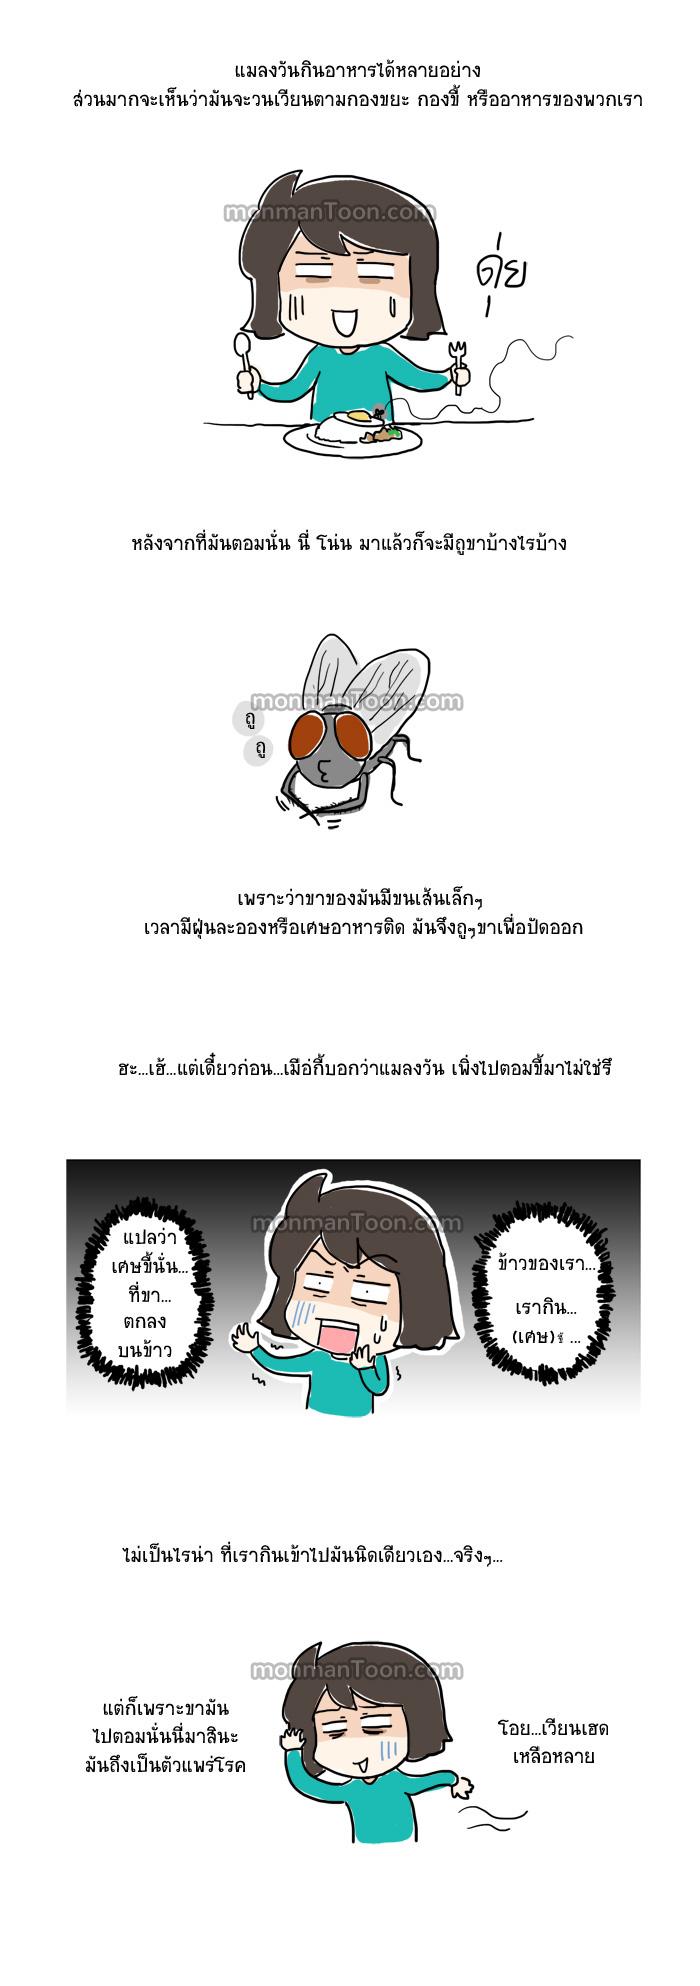 3 เรื่องของแมลงวัน และวิธีการต่อกร (โดยไม่มีการเสียเลือดเนื้อ)